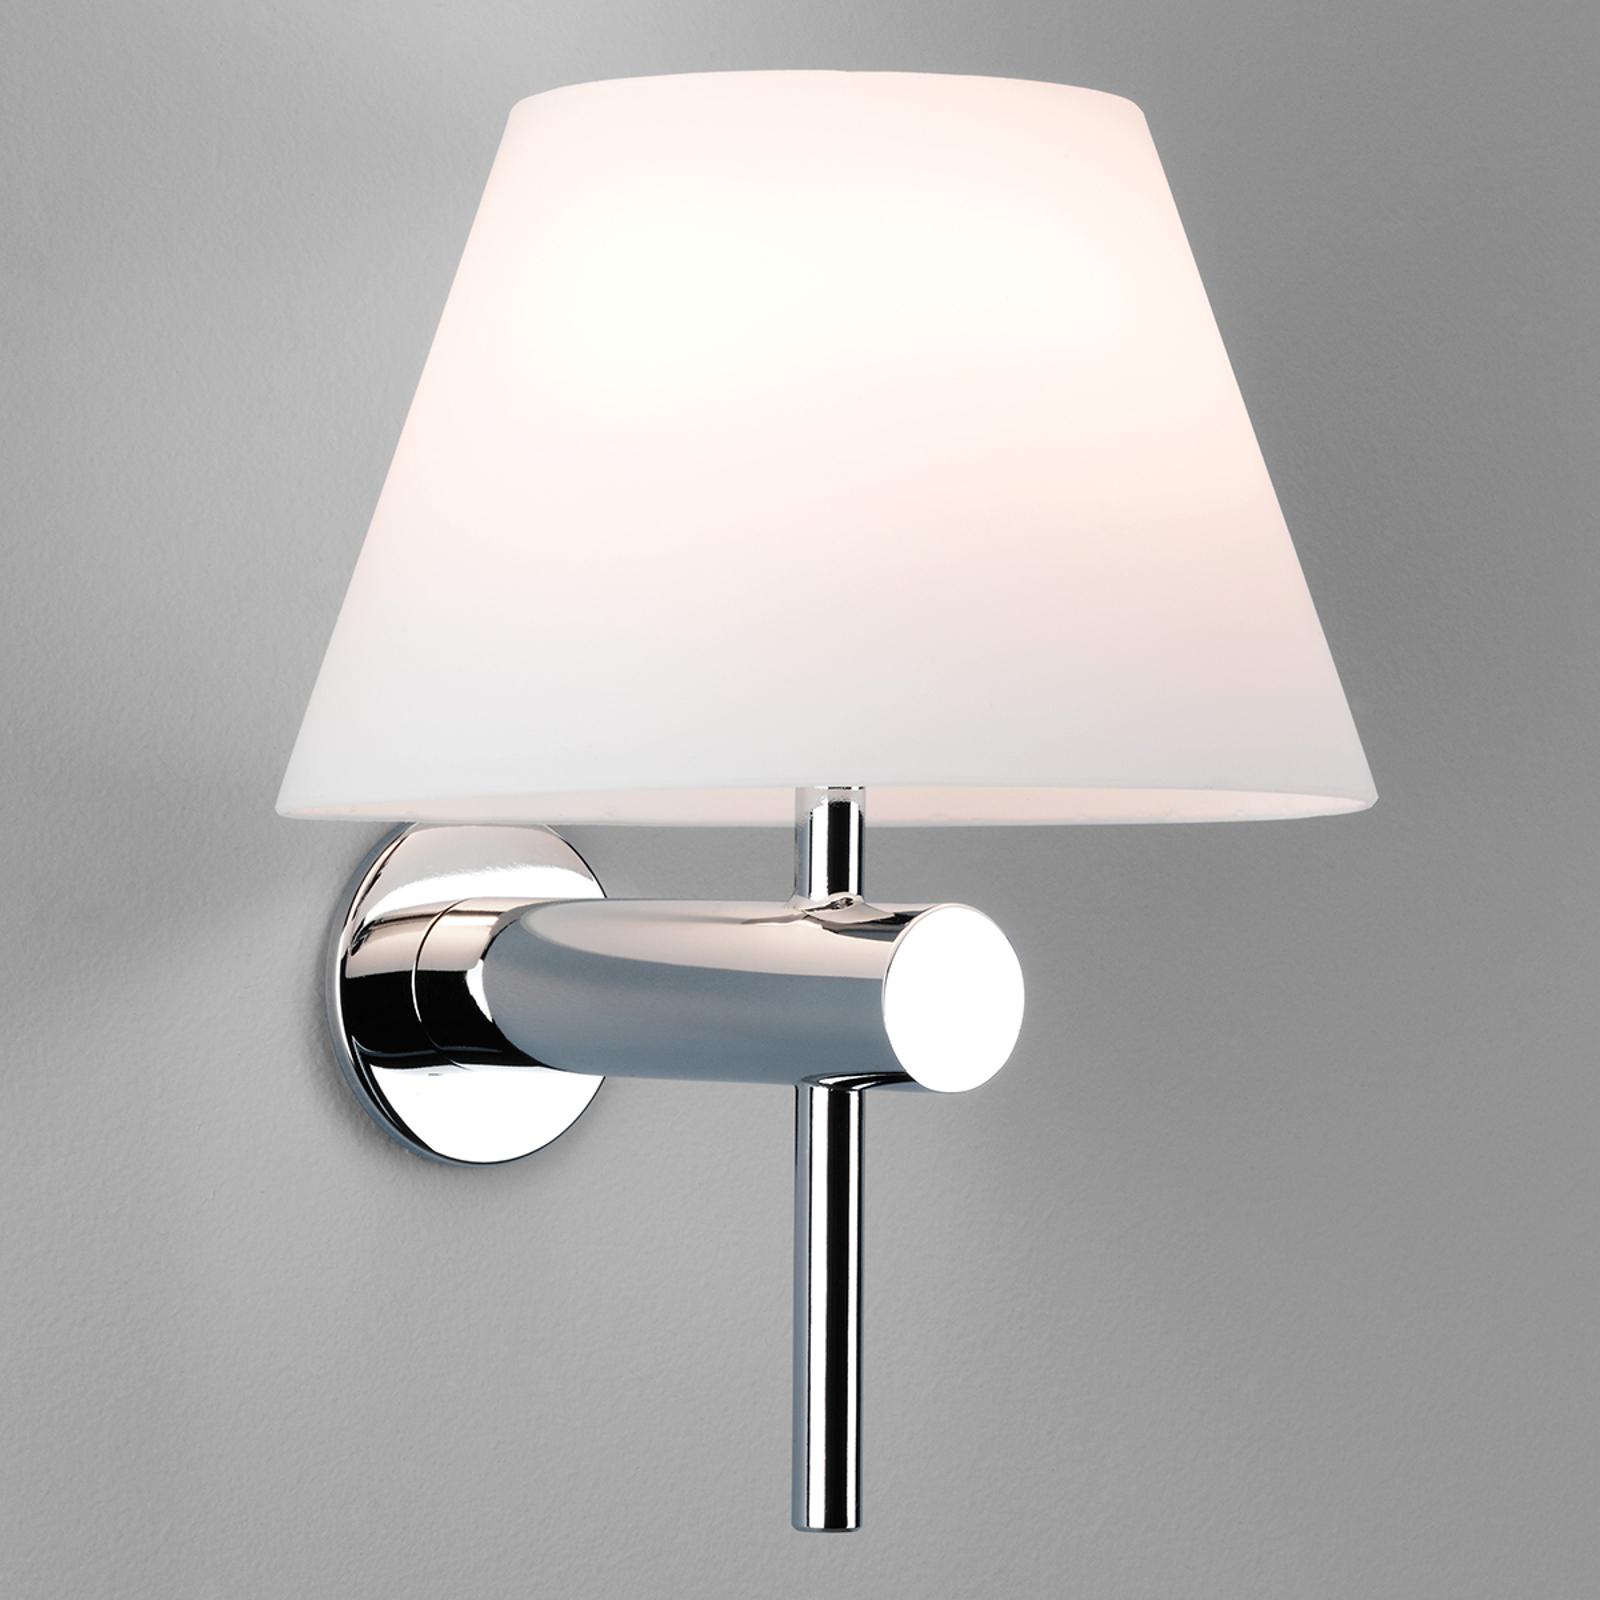 Astro Roma kúpeľňové svietidlo bez vypínača chróm_1020542_1